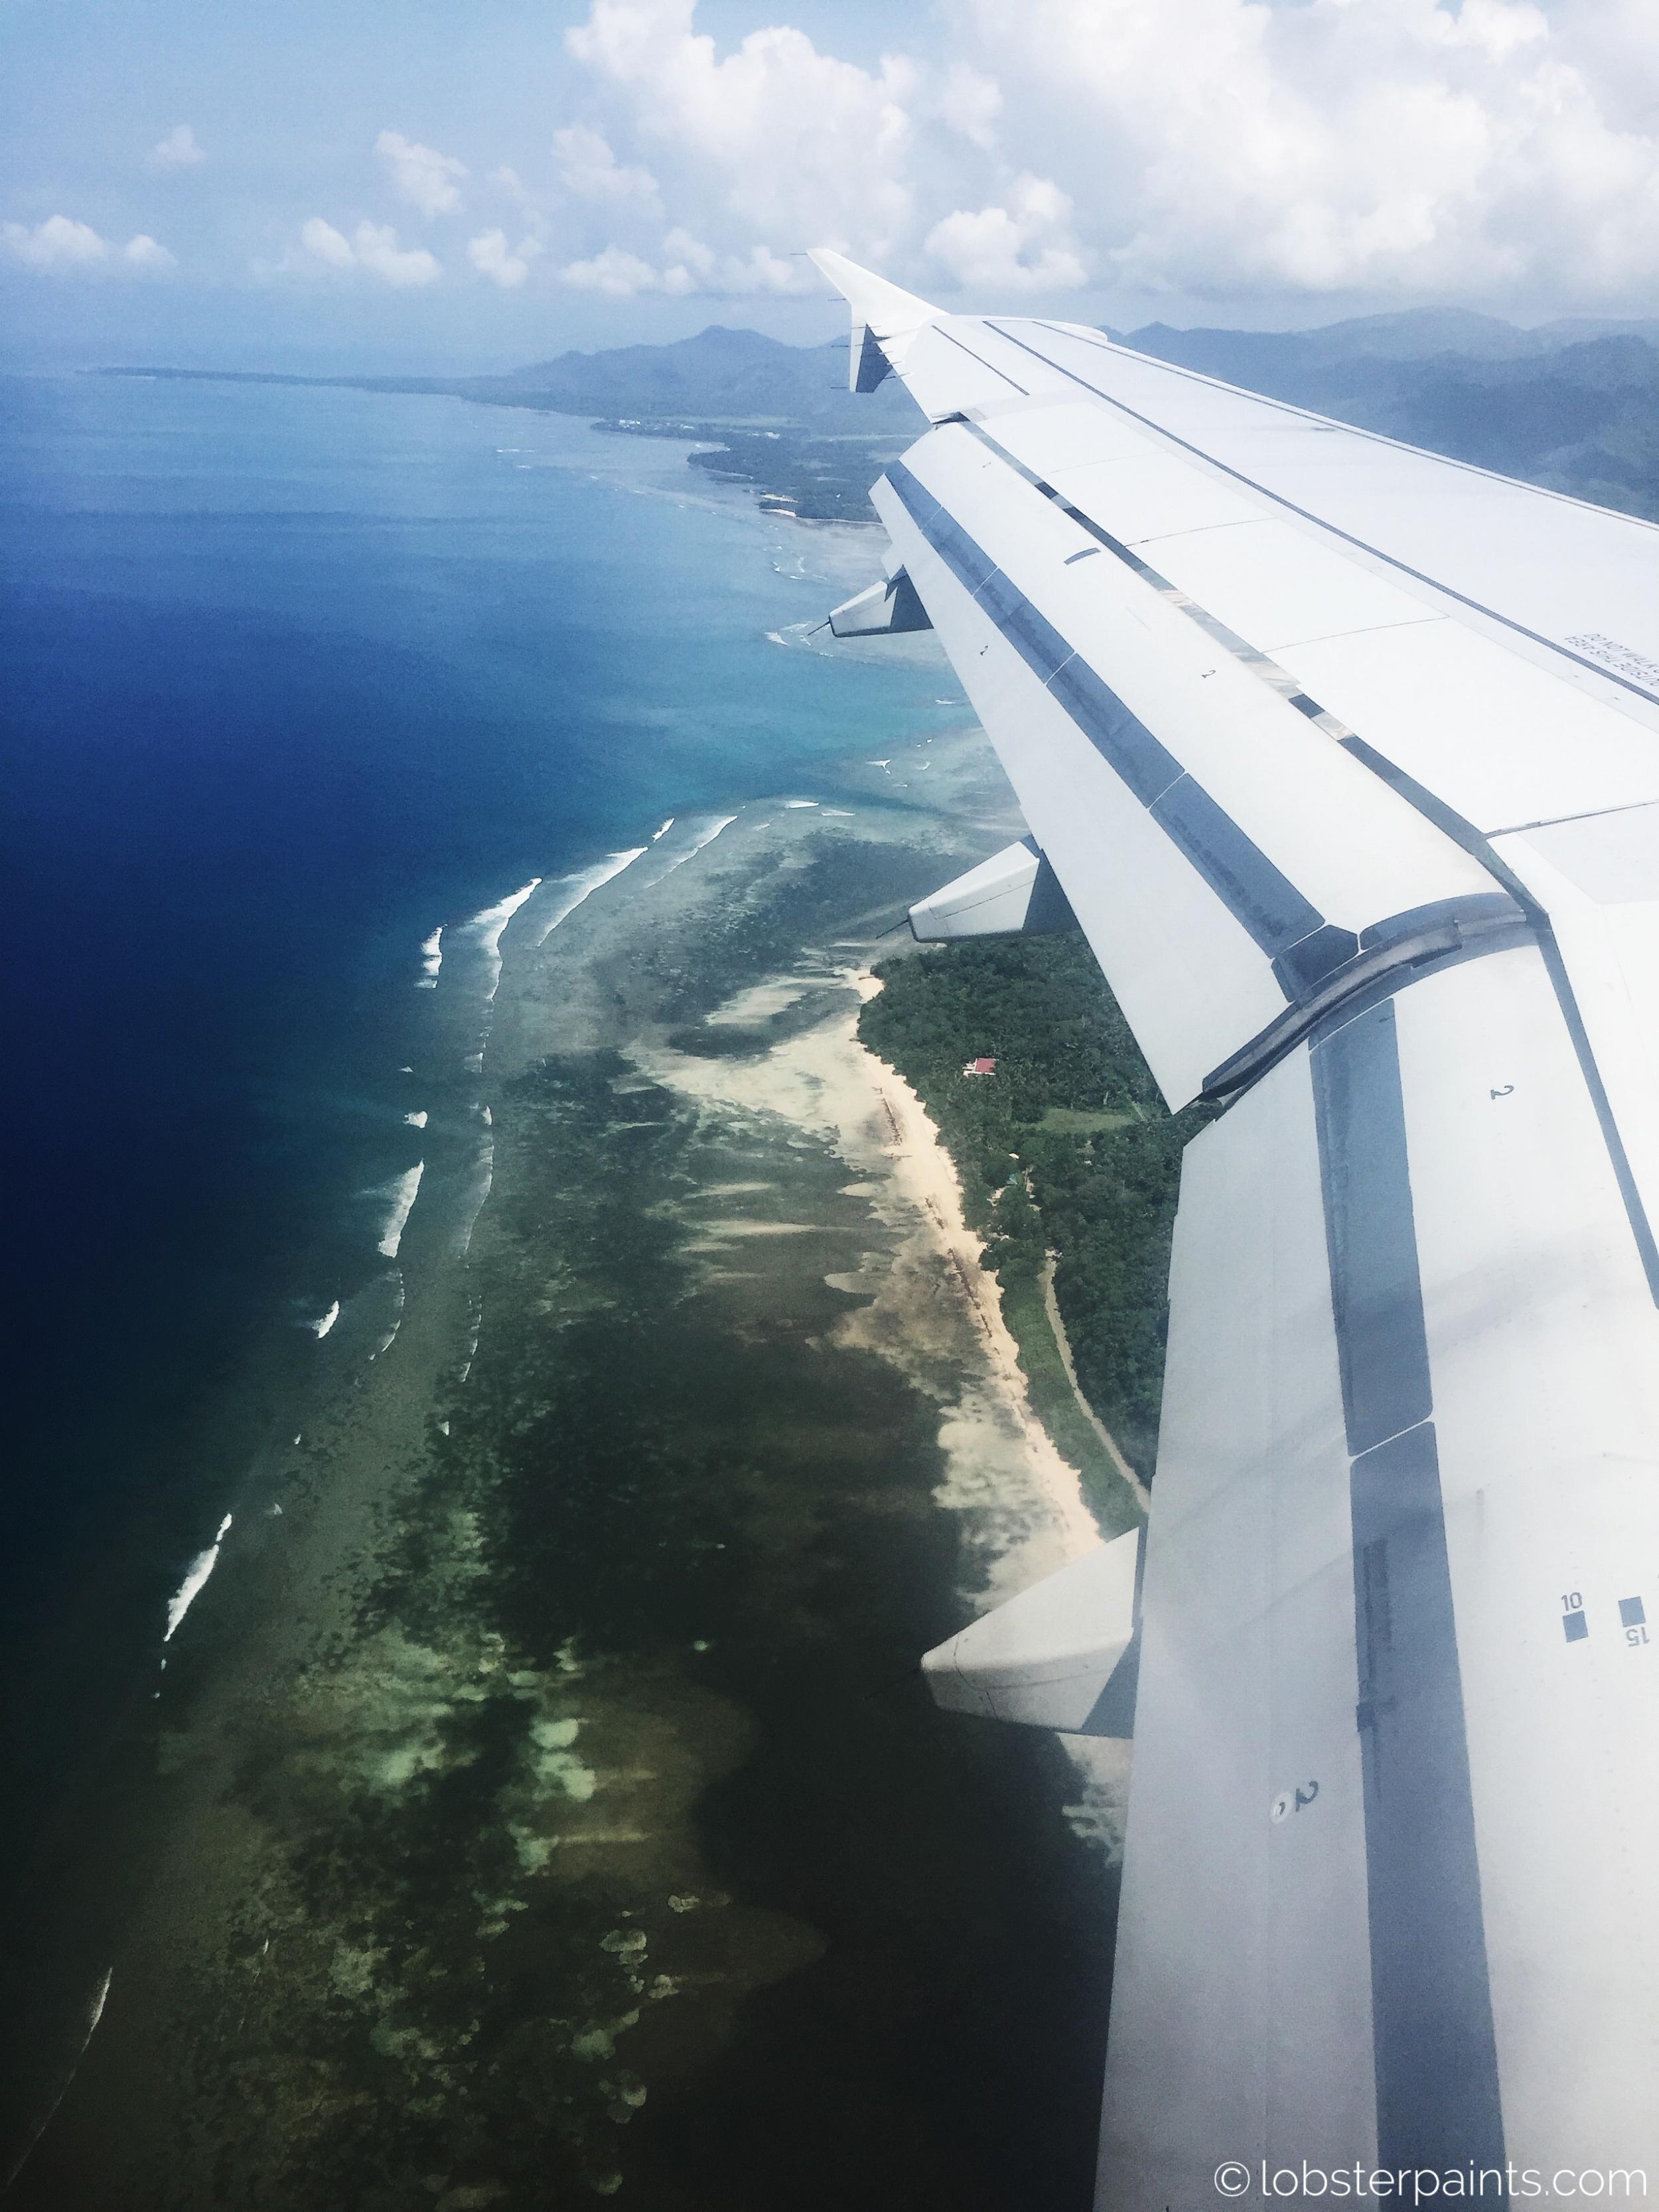 10 October 2015: Catanduanes, Bicol, Philippines